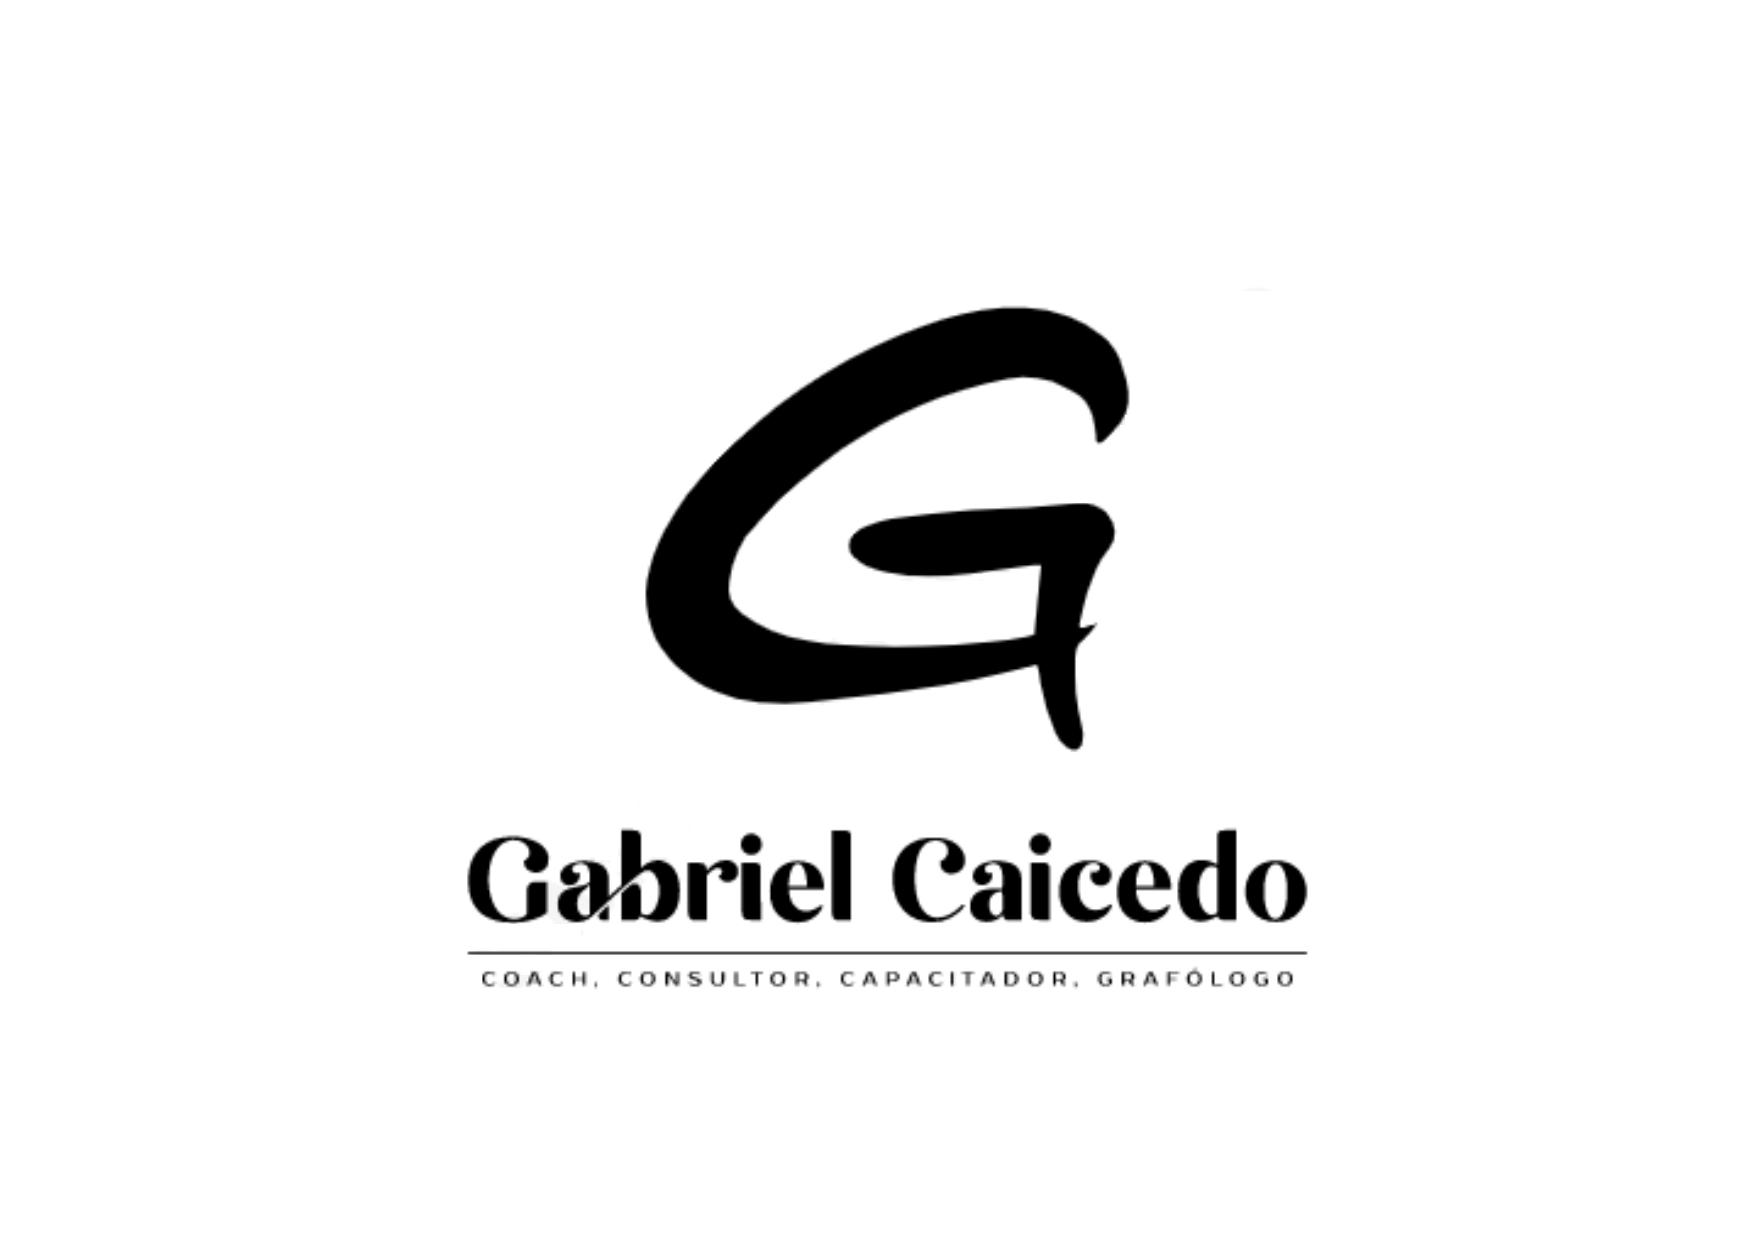 LOGO GABRIEL CAICEDO EN BLANCO